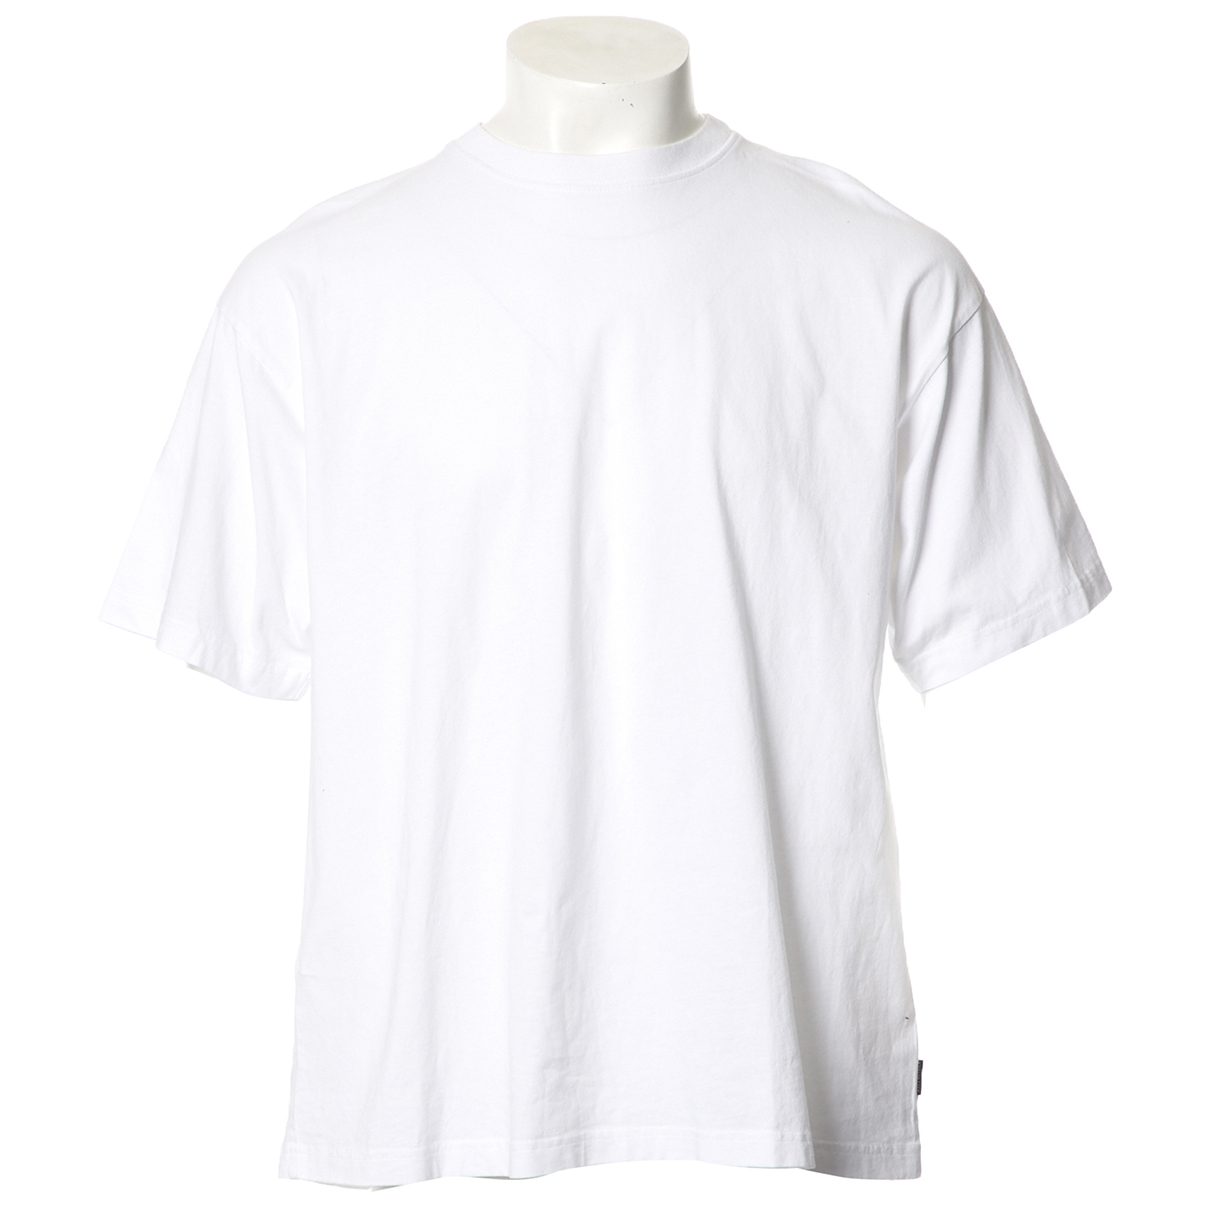 Balenciaga - Tee shirts   pour homme en coton - blanc